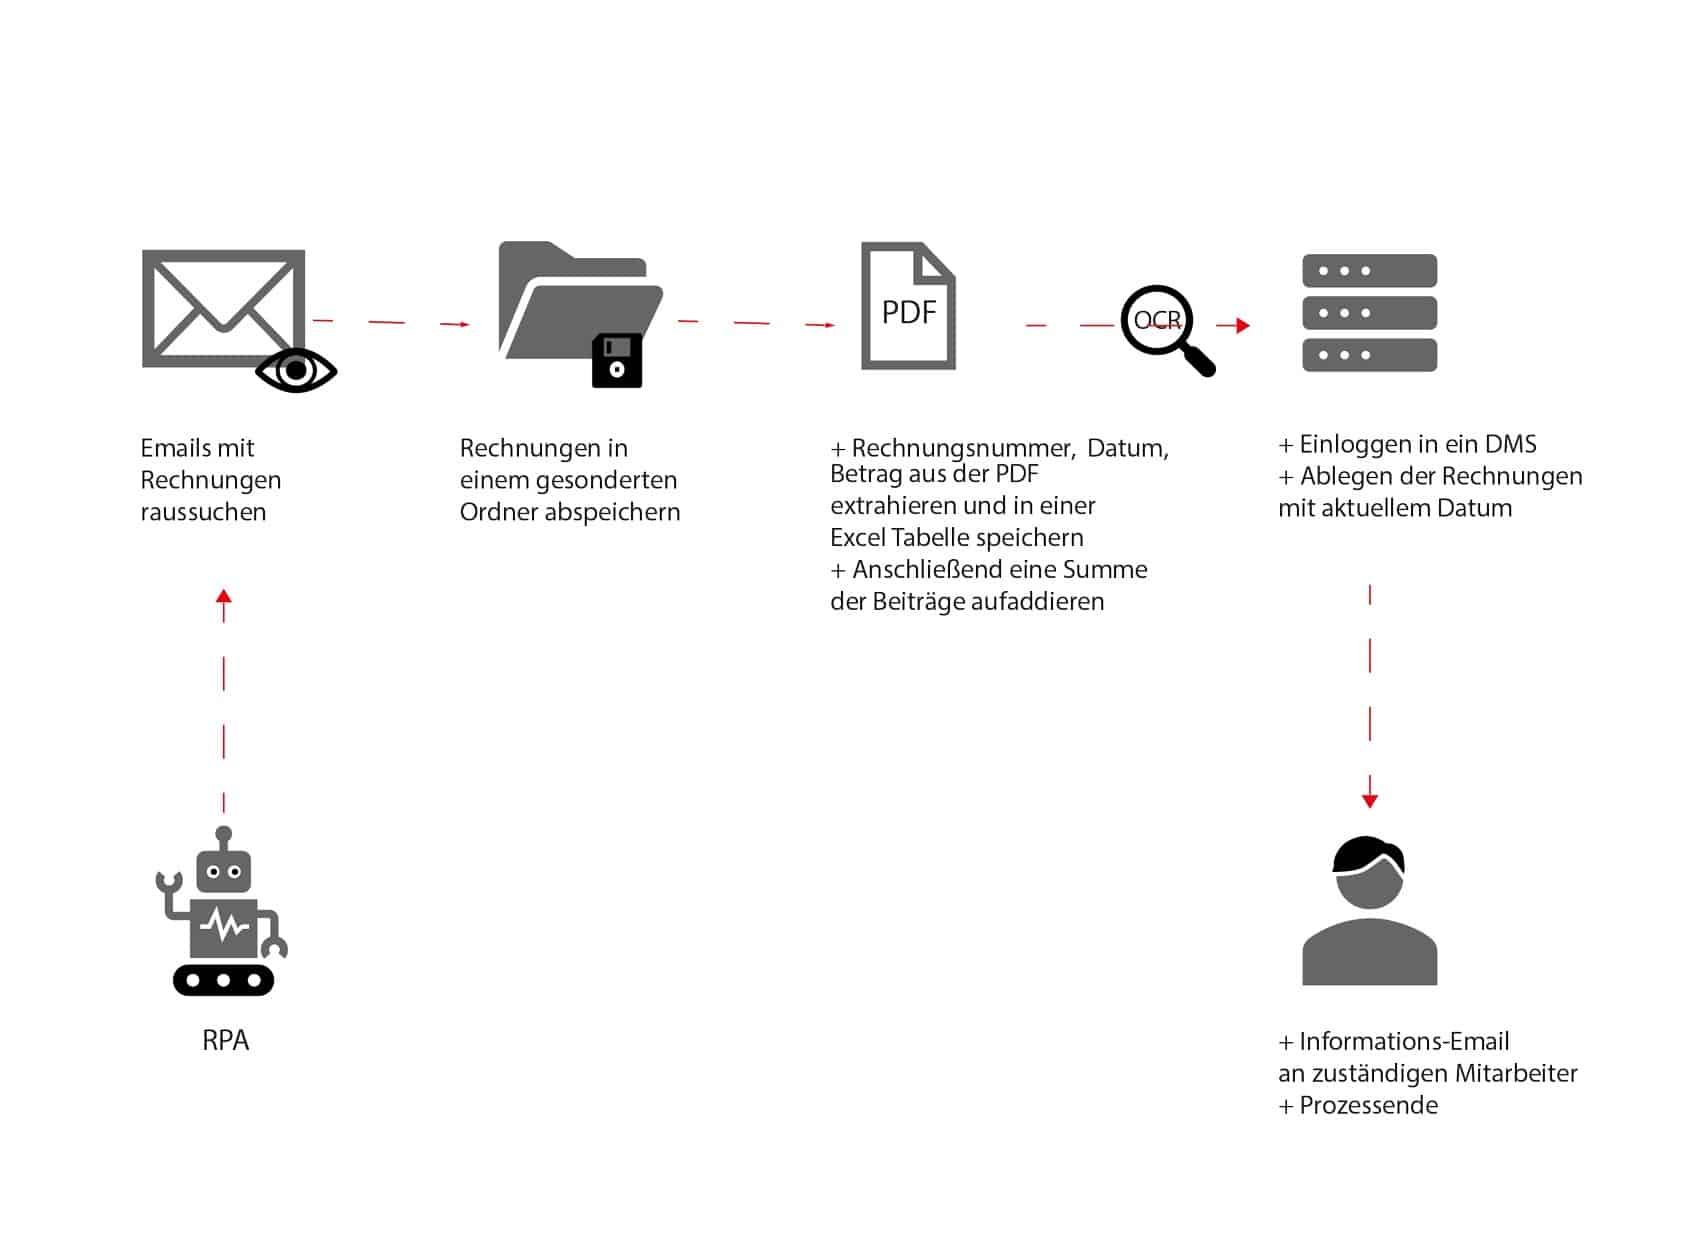 Abb.1 Rechnungsautomatisierung mit Hilfe eines Softwareroboters (RPA).